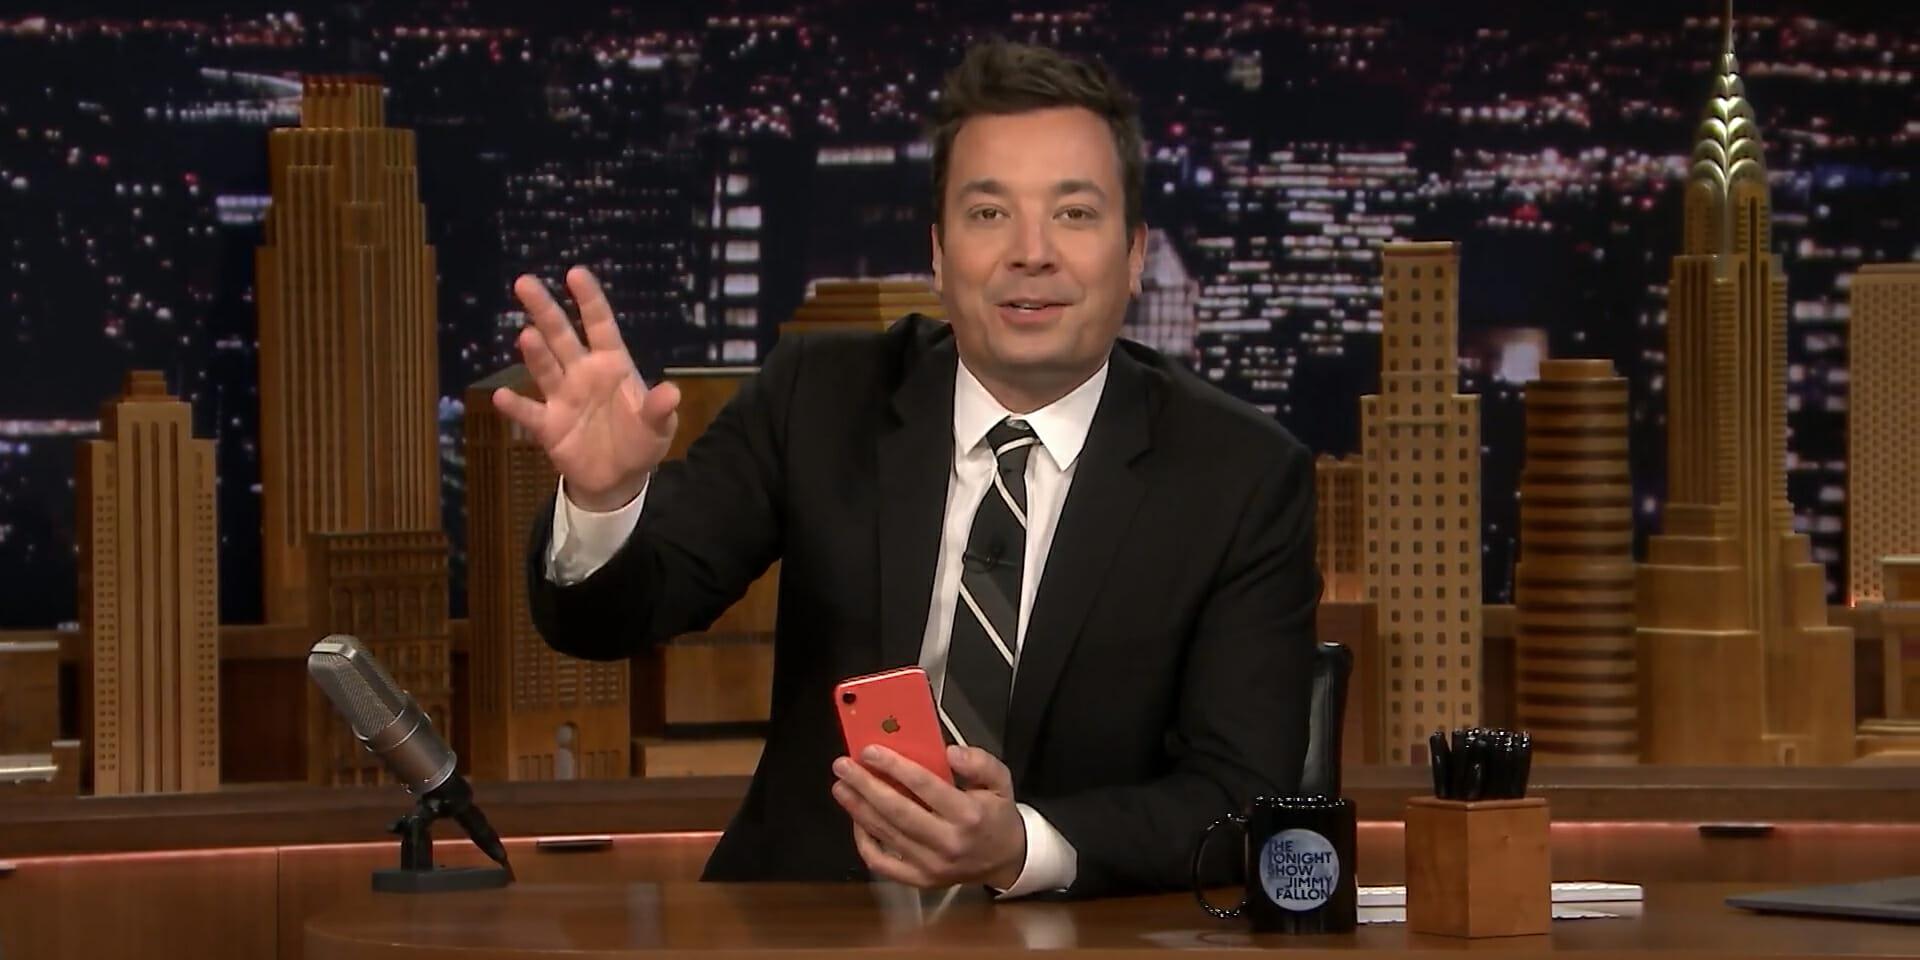 Jimmy Fallon started a viral #tumbleweedchallenge on TikTok.